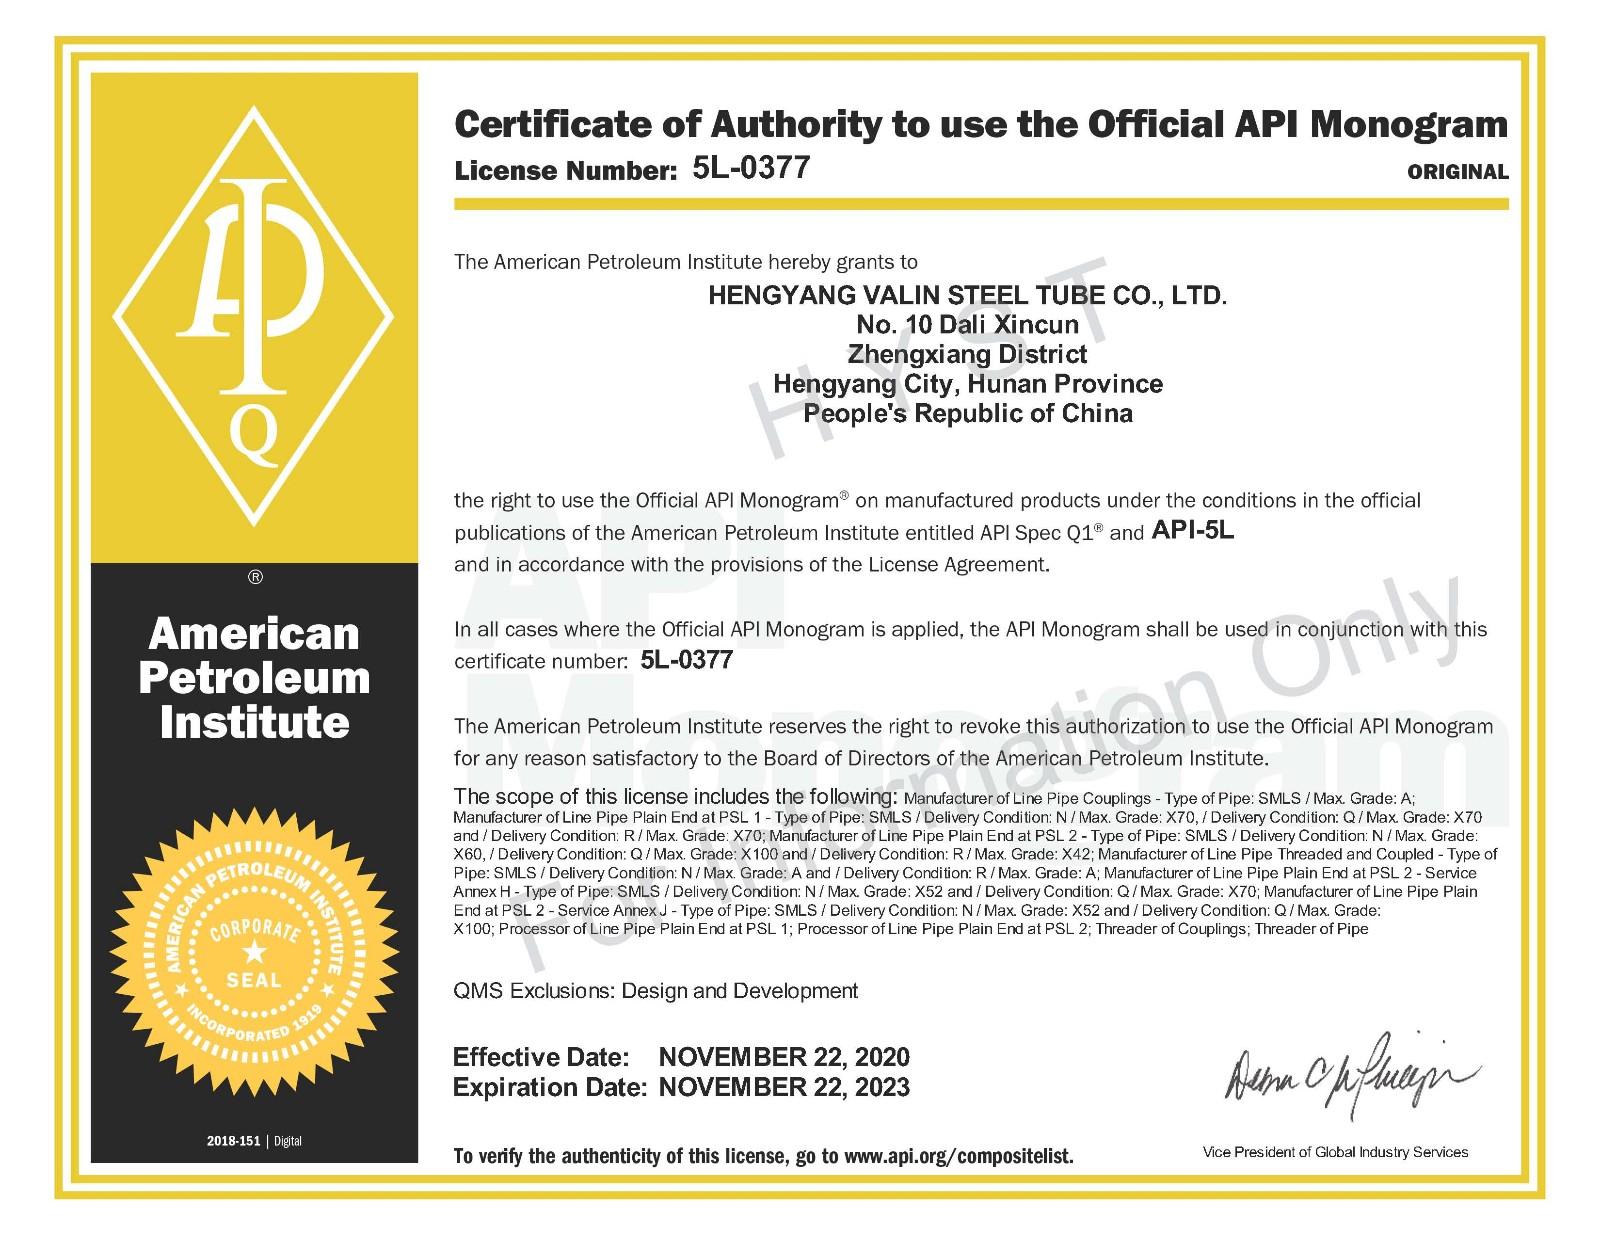 API 5L Certificate